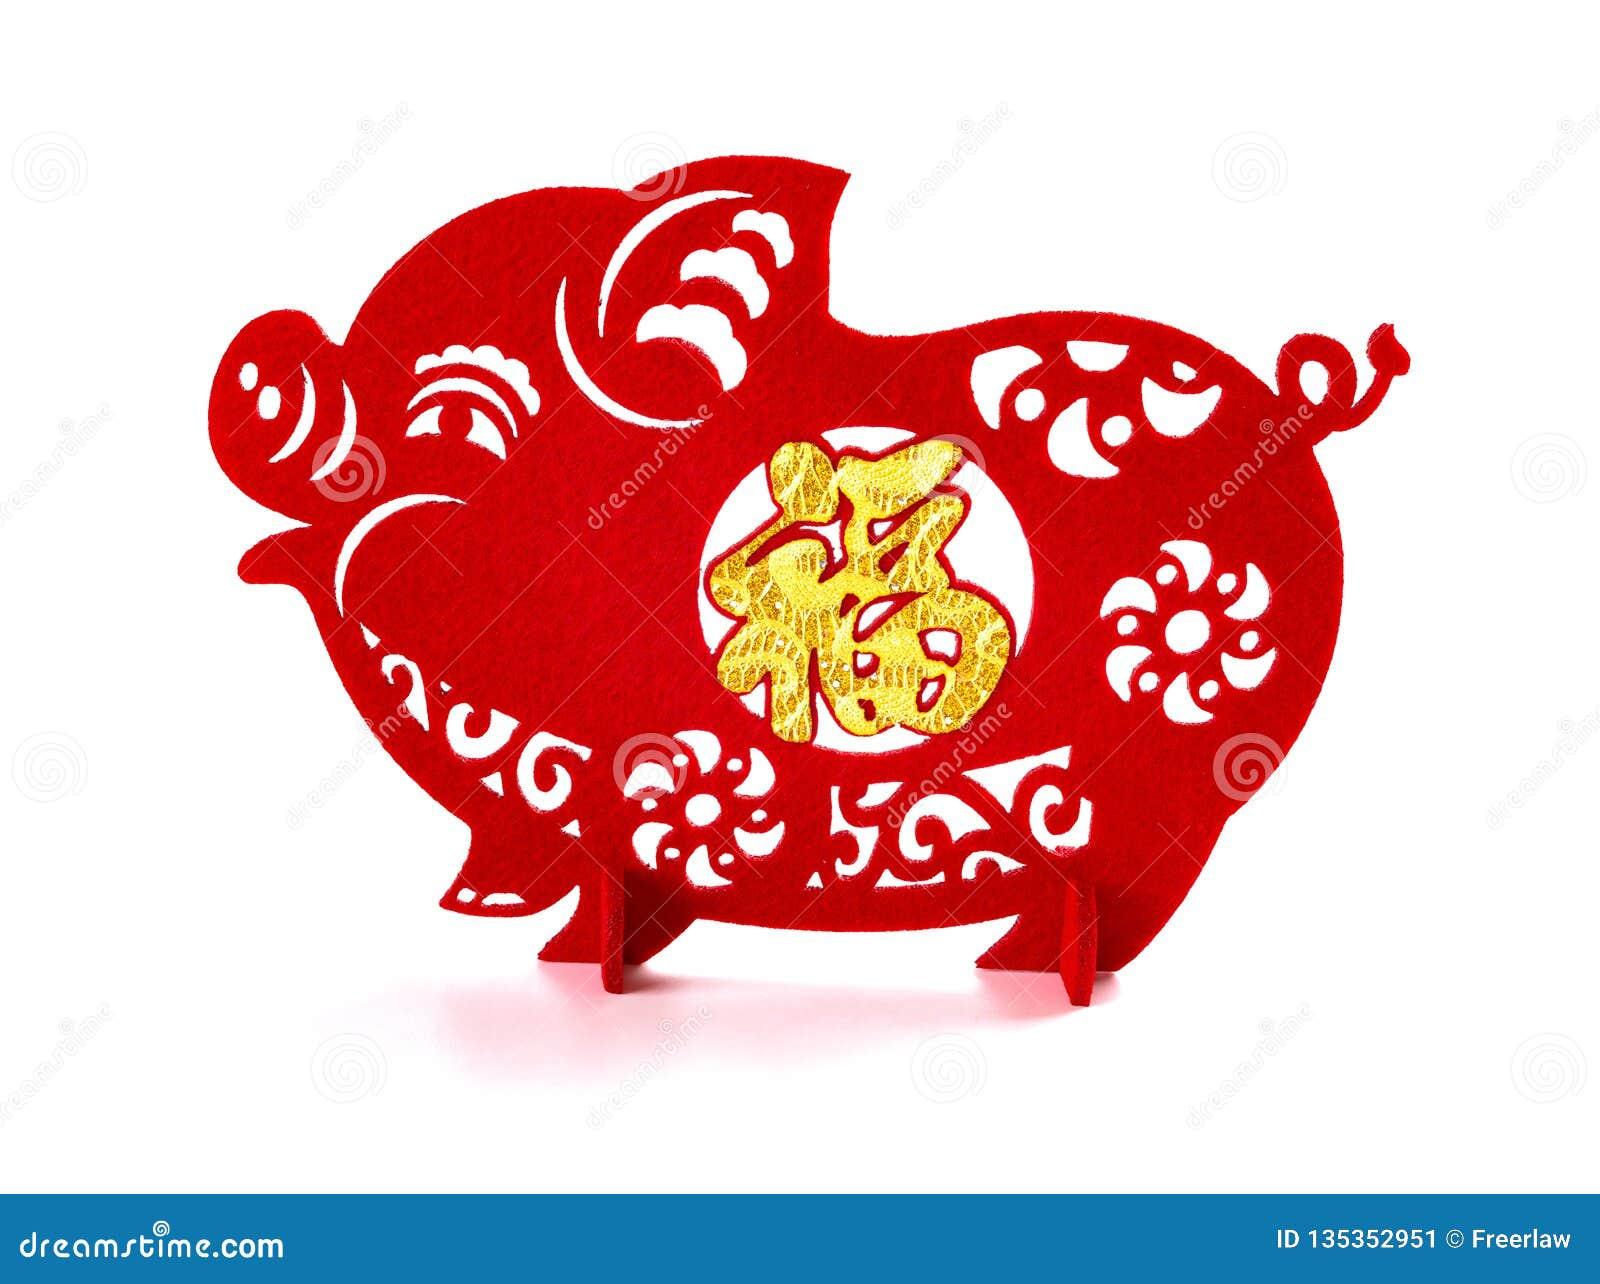 Papel-corte de Standable en blanco como símbolo del Año Nuevo chino del cerdo la buena suerte de los medios chinos